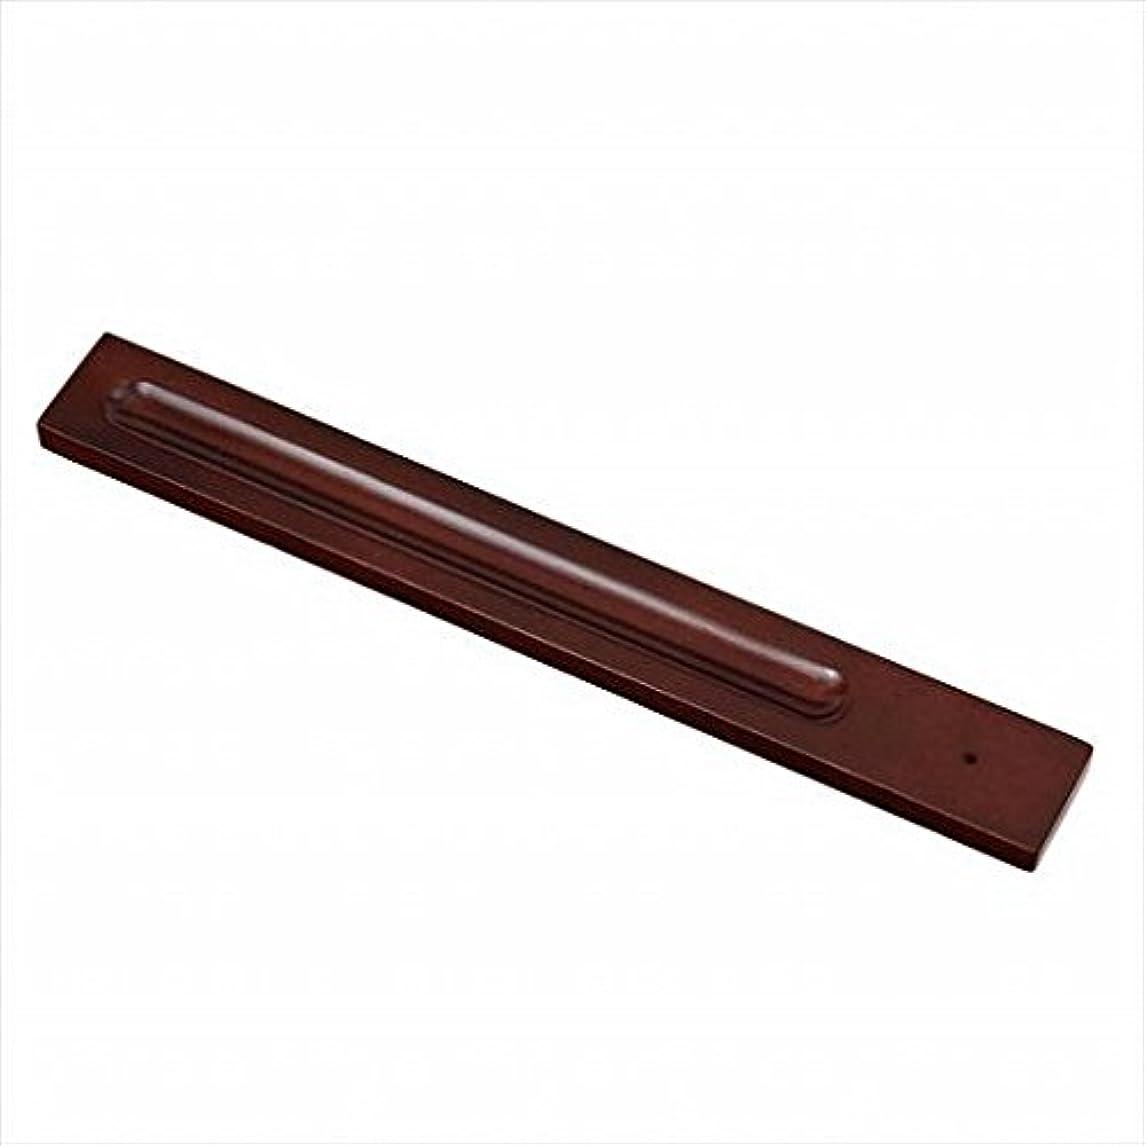 慈悲深い世界記録のギネスブック夢kameyama candle(カメヤマキャンドル) バンブーインセンス用ホルダースクエア 「 ブラウン 」 キャンドル 30x246x9mm (E3130000BR)